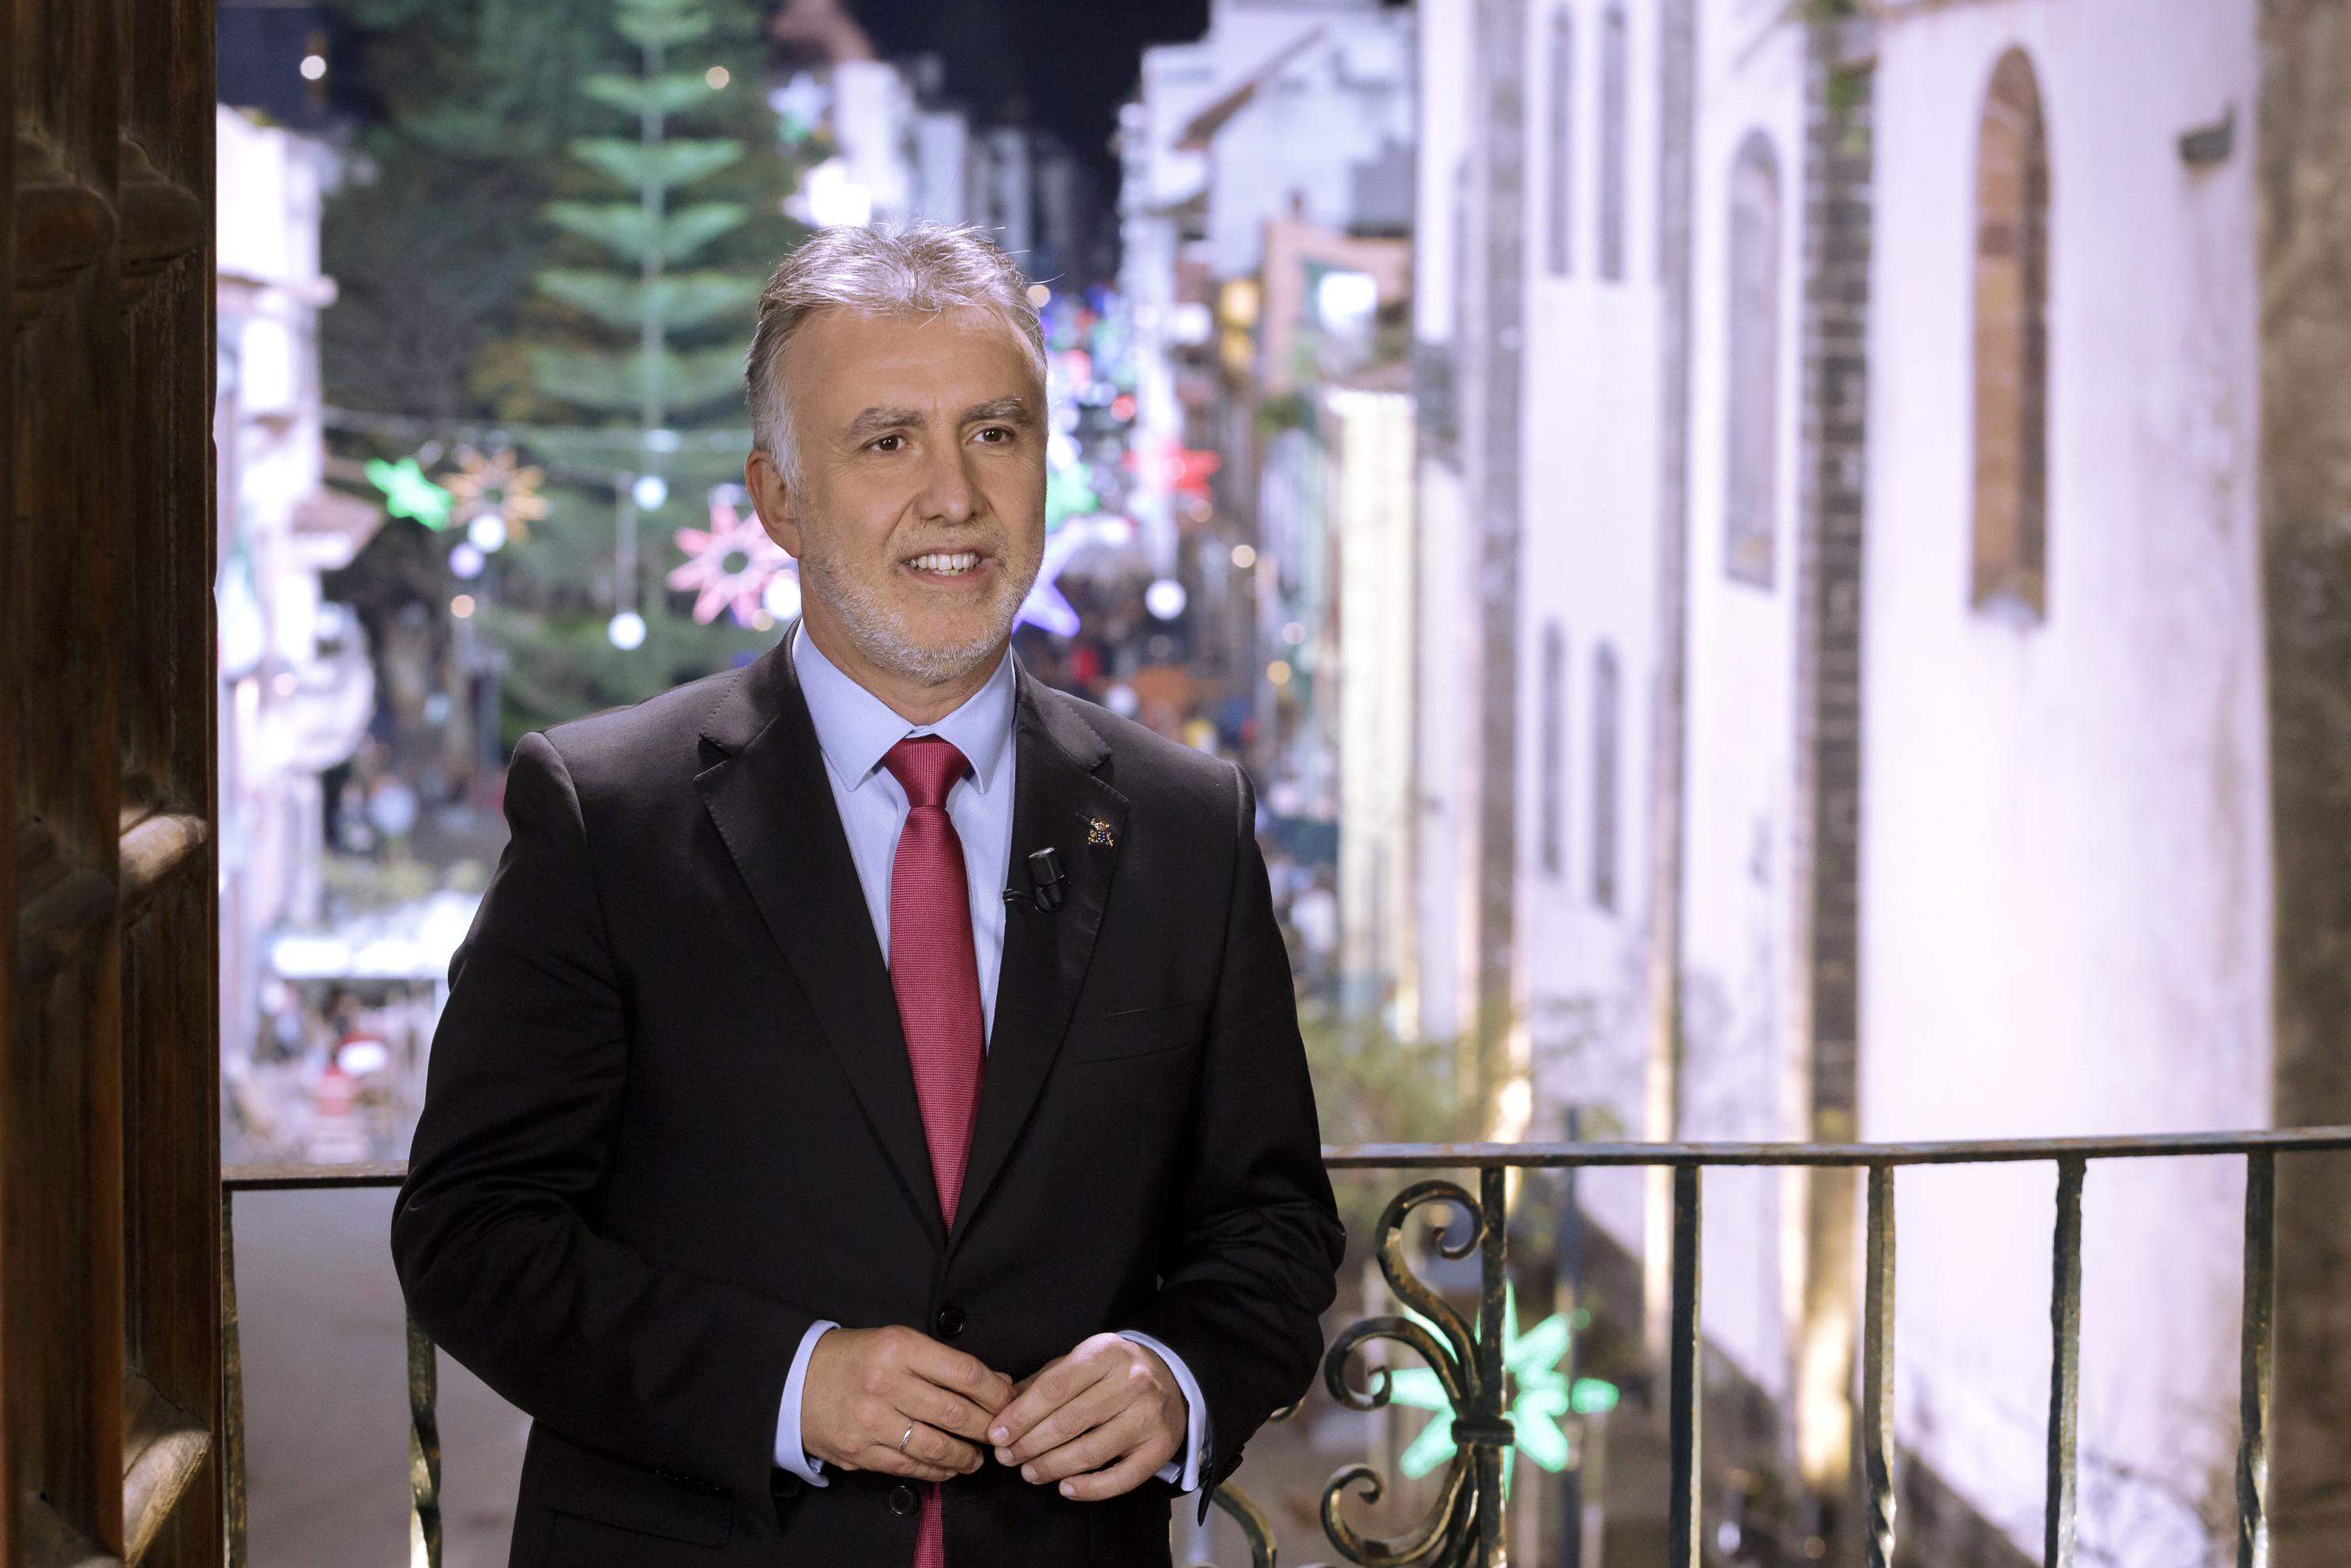 Mensaje de Fin de Año del presidente de Canarias 2019